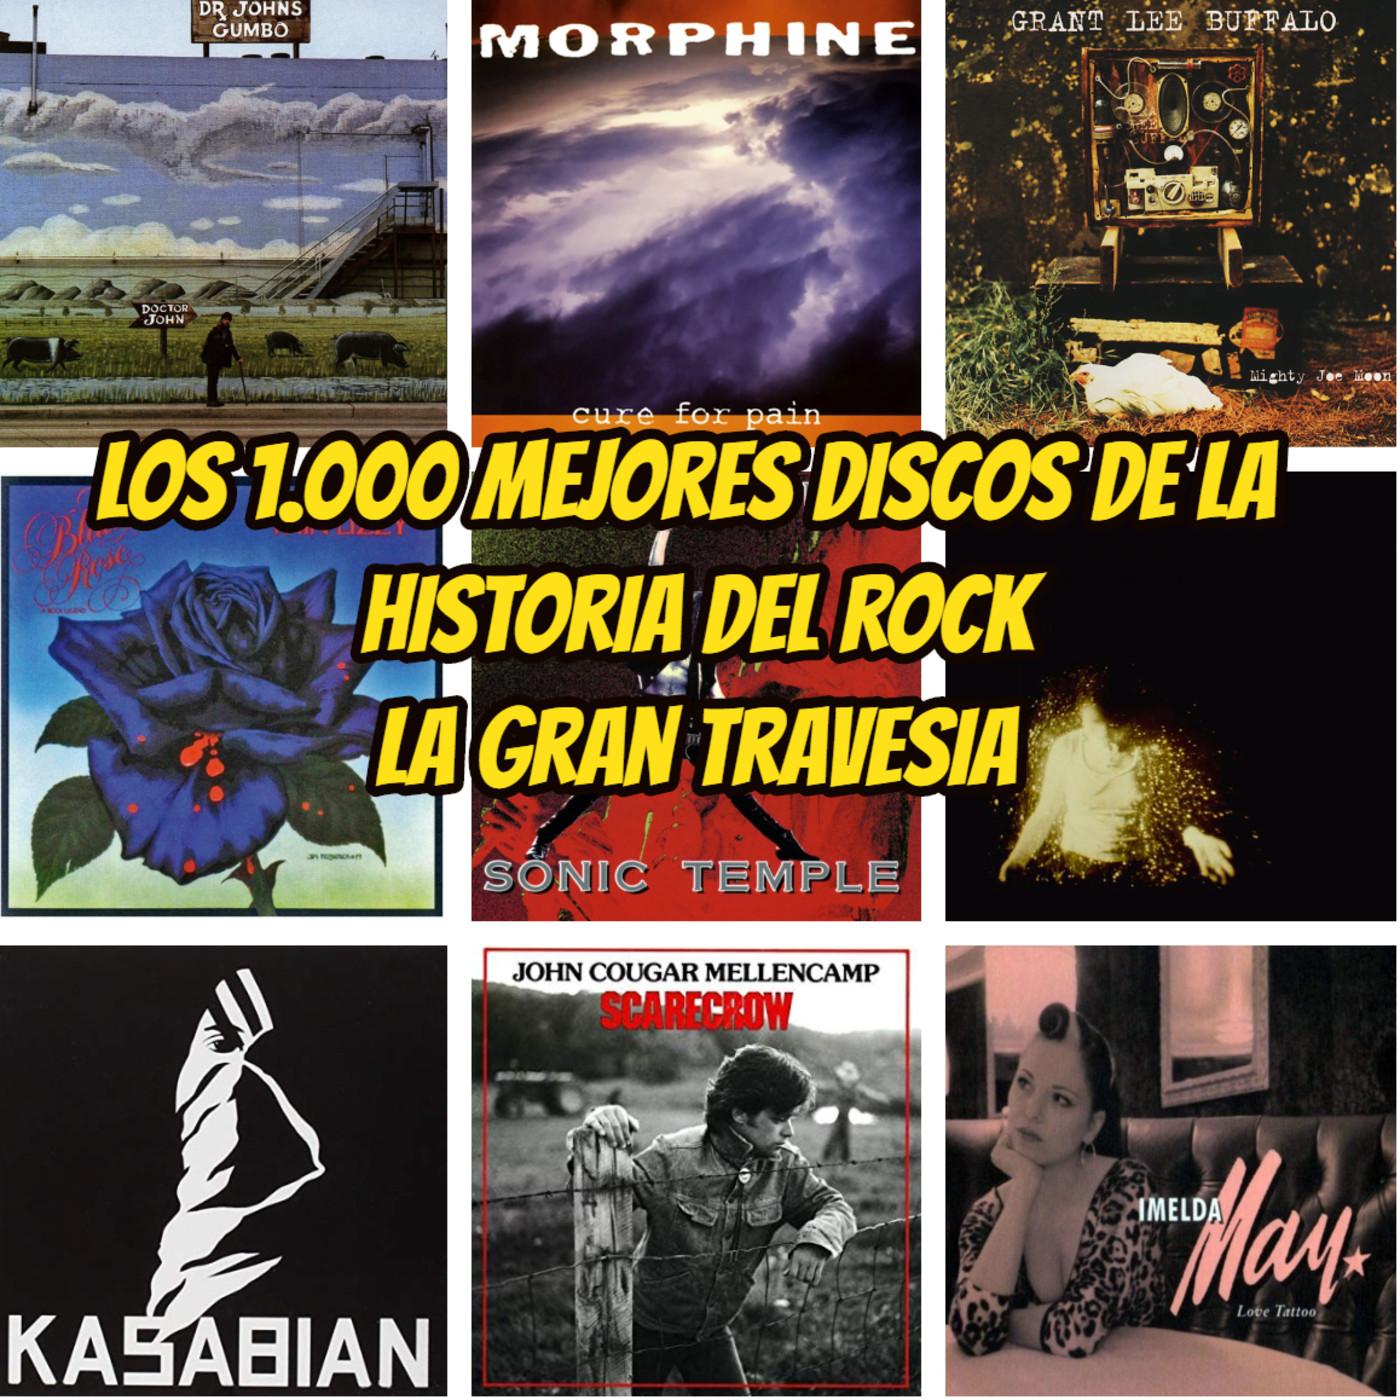 Los 1.000 mejores discos de la Historia del Rock 044. La Gran Travesía.